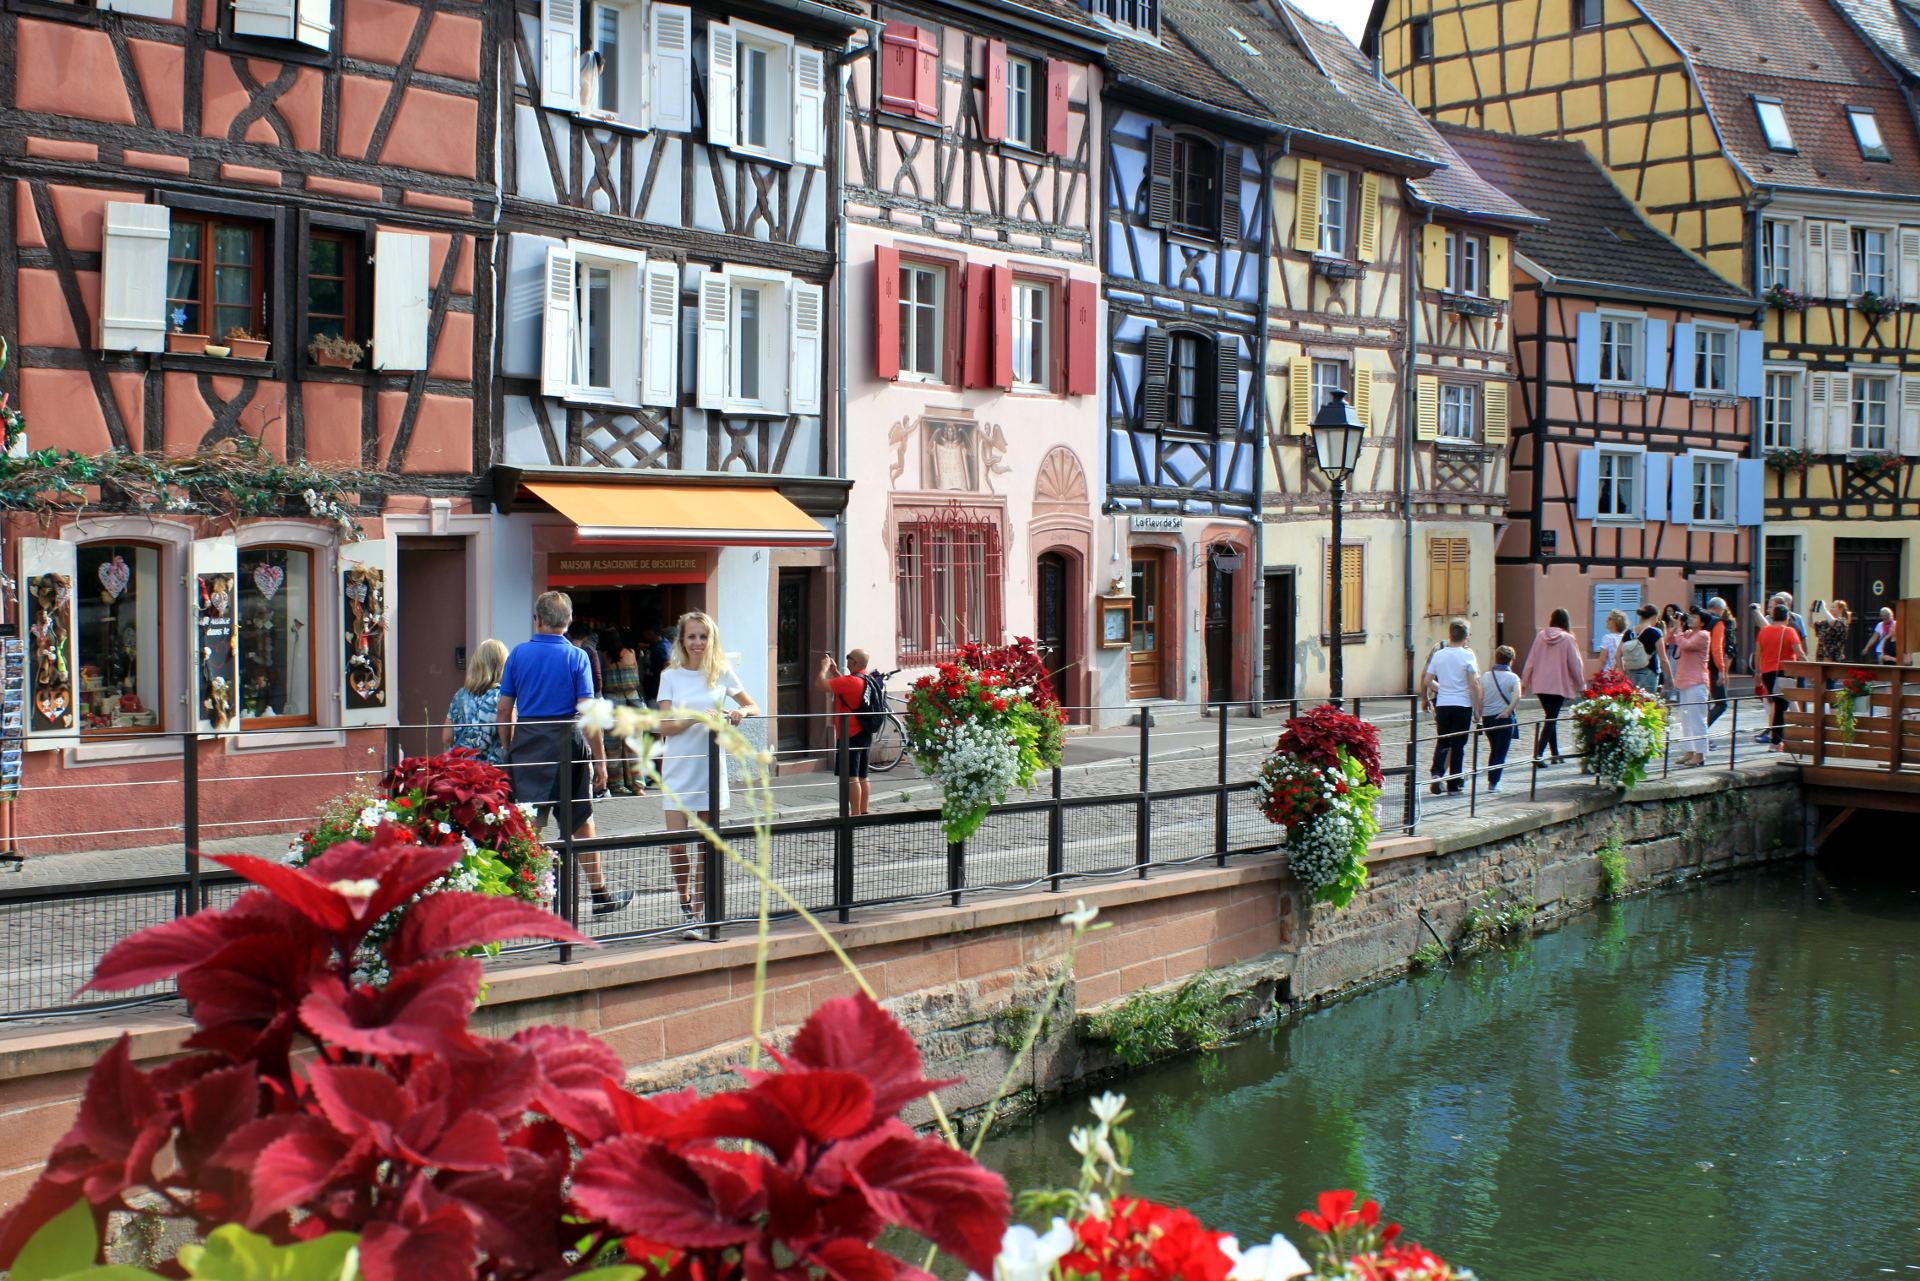 Mała Wenecja Colmar ulica przy rzece Lauch iglawpodrozy